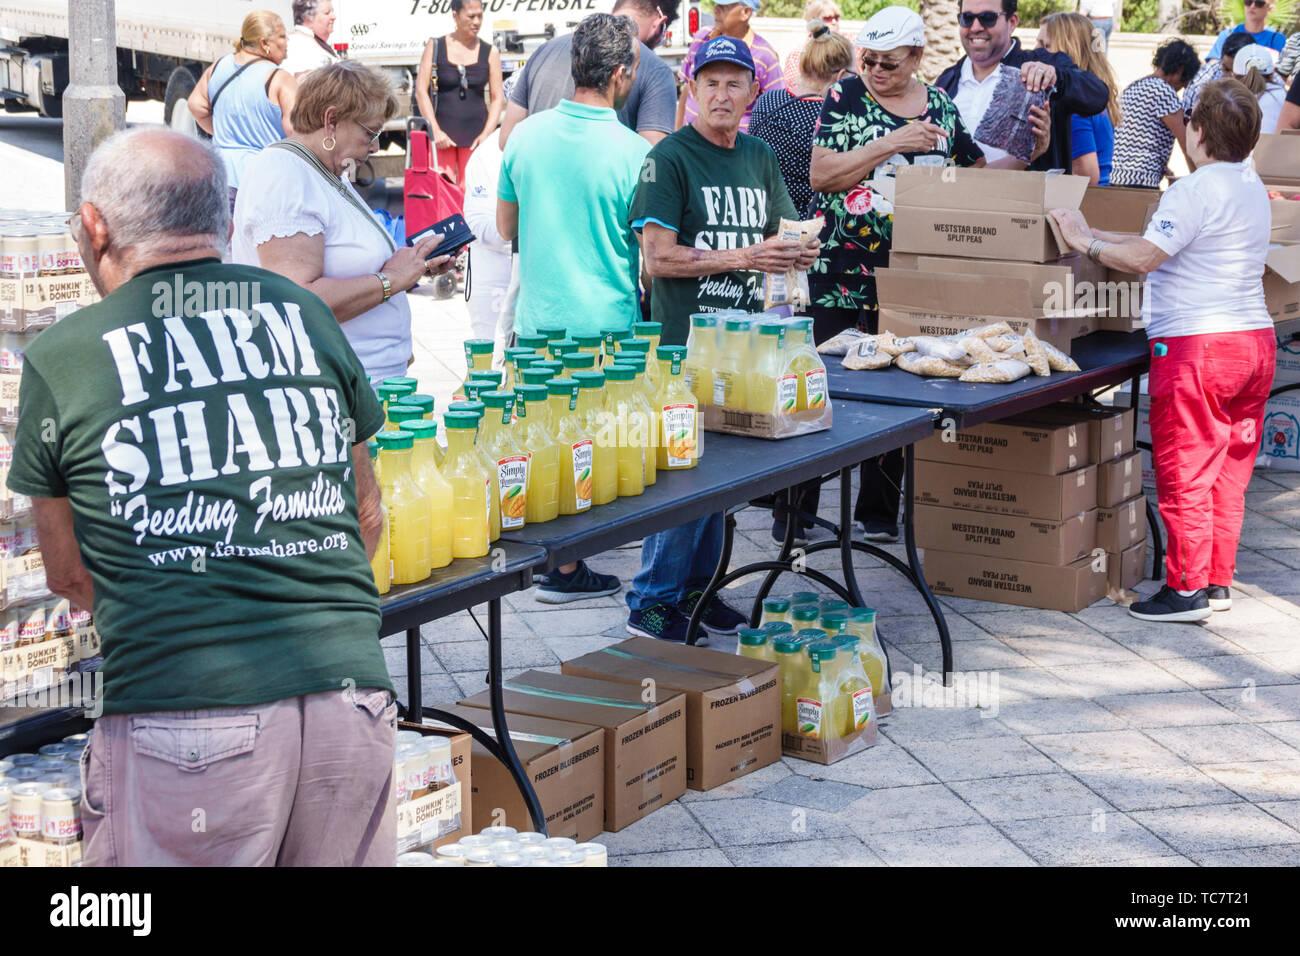 Miami Beach, Florida, North Beach Ocean Terrace Farm compartir alimentos de distribución LIBRE giveaway necesitados de bajos ingresos hombre mujer hispana de voluntariado Imagen De Stock